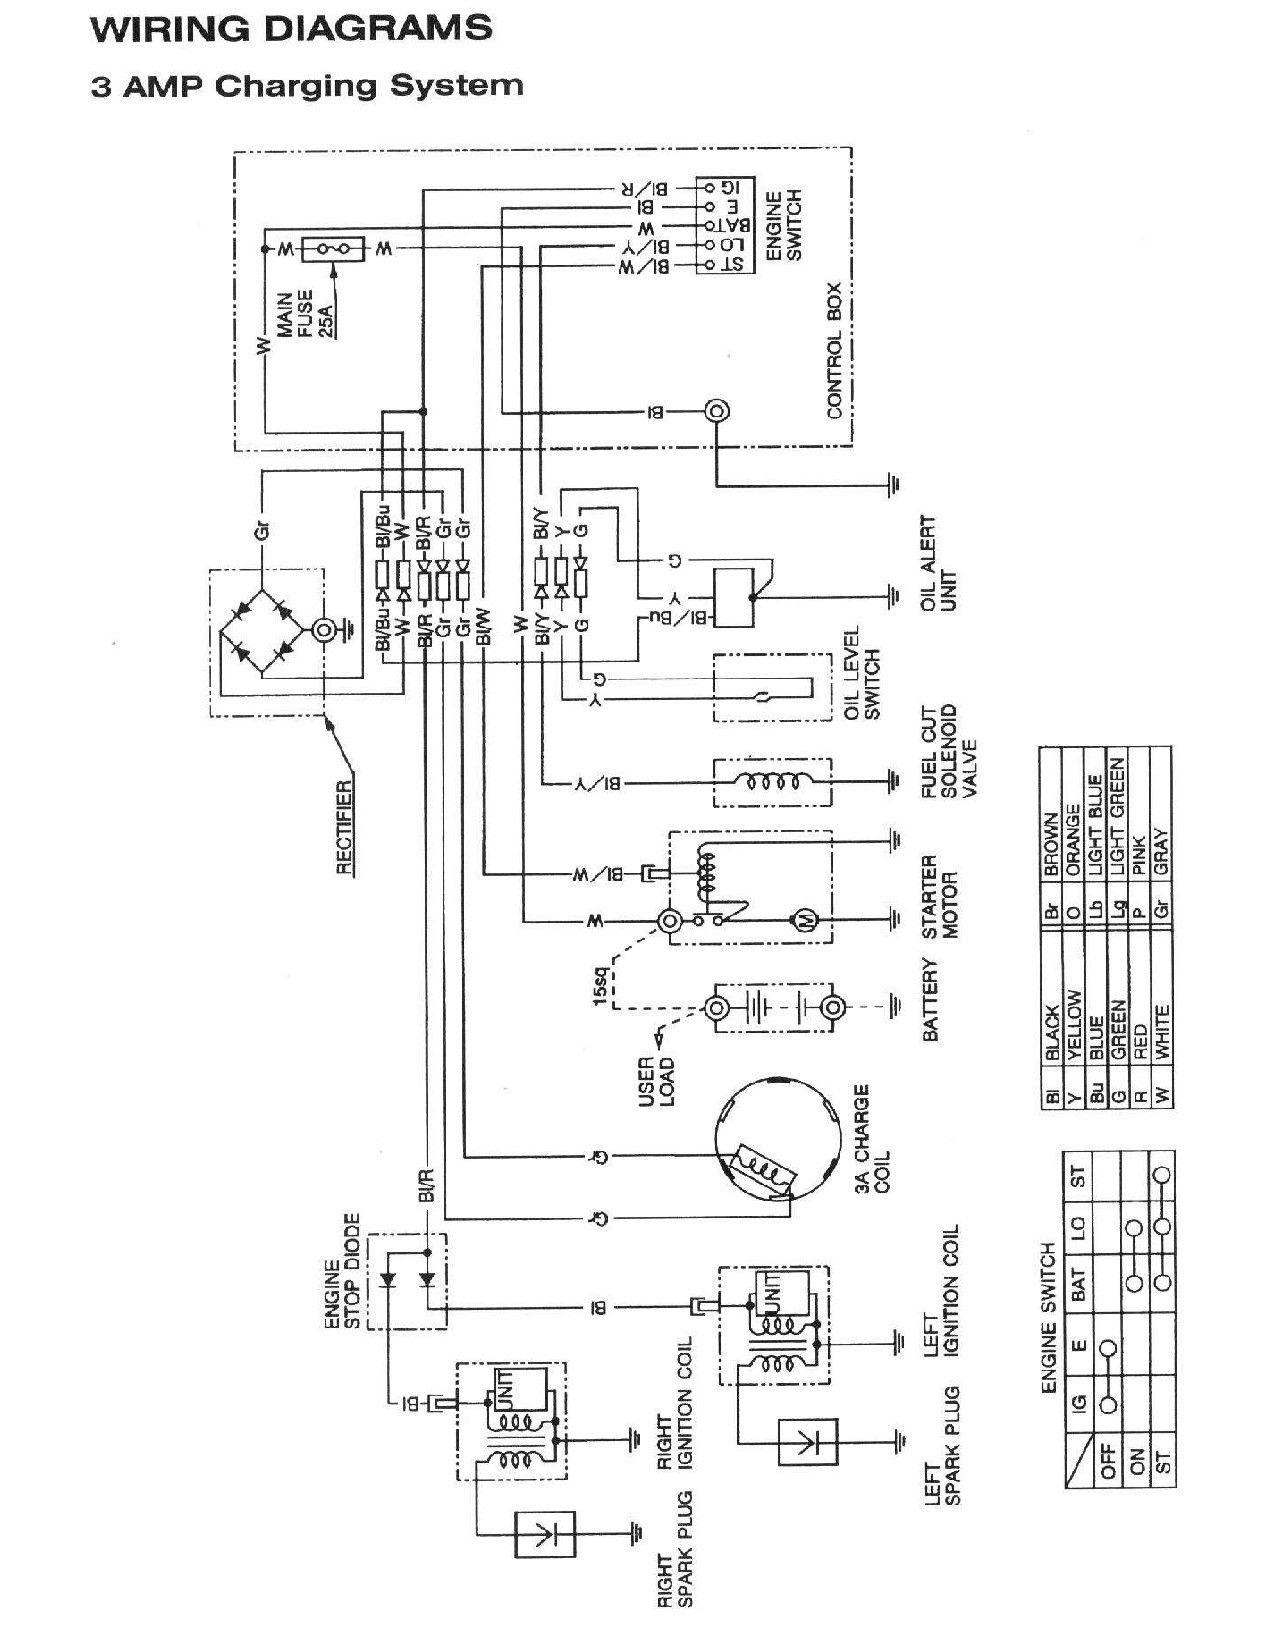 Honda Gx620 Wiring Schematic - Auto Wiring Diagramsaberre.it